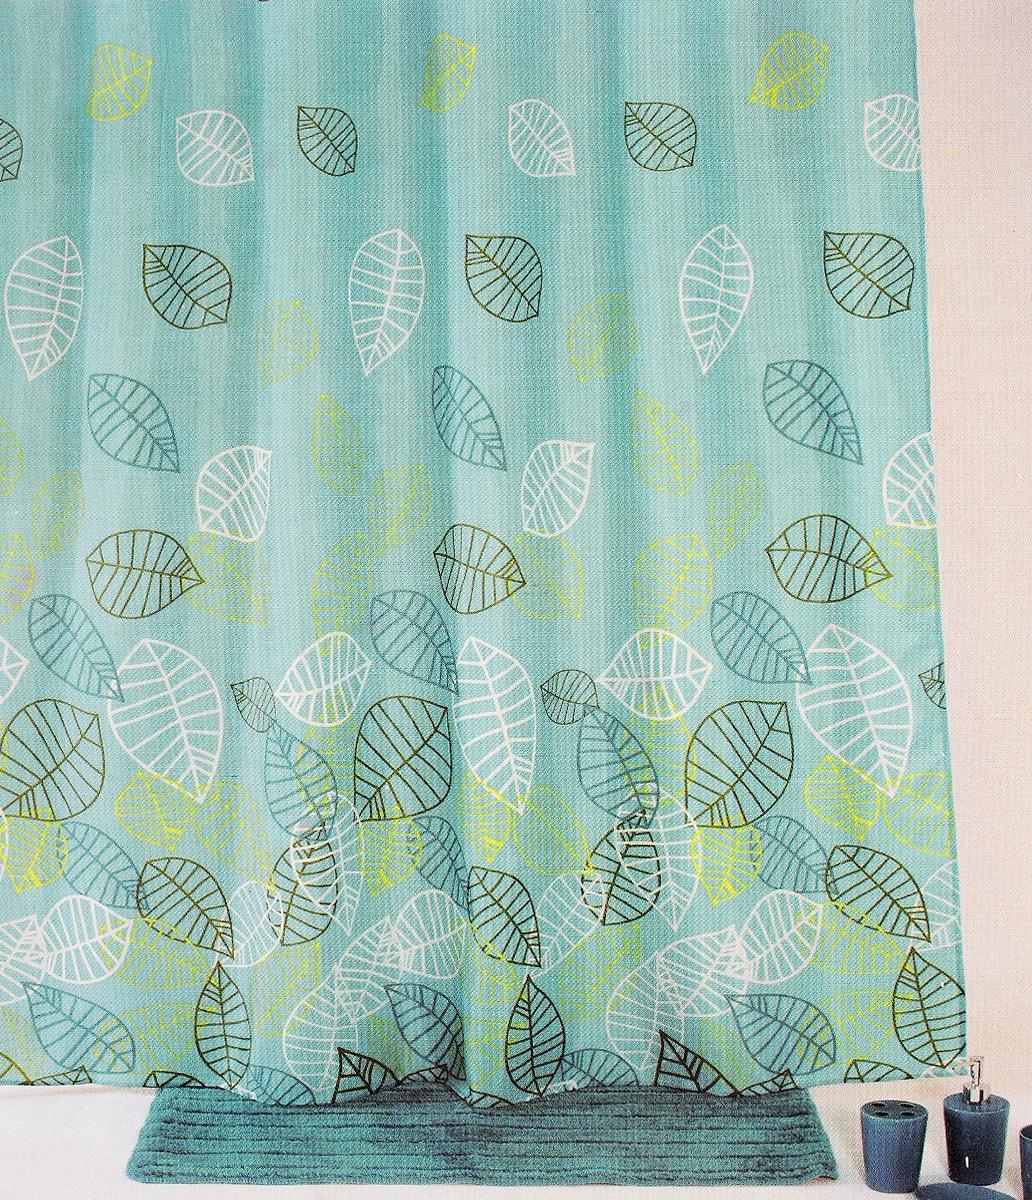 Штора для ванной комнаты Aqva Line Аква, с крючками, 180 х 180 см1300011Штора для ванной комнаты Aqva Line Аква изготовлена из высококачественного полиэстера. Изделие приятно на ощупь, устойчиво к разрывам и проколам, 100% не пропускает воду. Штора для ванной не требует какого-либо специфического ухода и очень быстро сохнет. Привлекательный дизайн шторы наполнит вашу ванную комнату положительной энергией. Легко и просто моется. В комплекте прилагаются овальные пластиковые кольца.